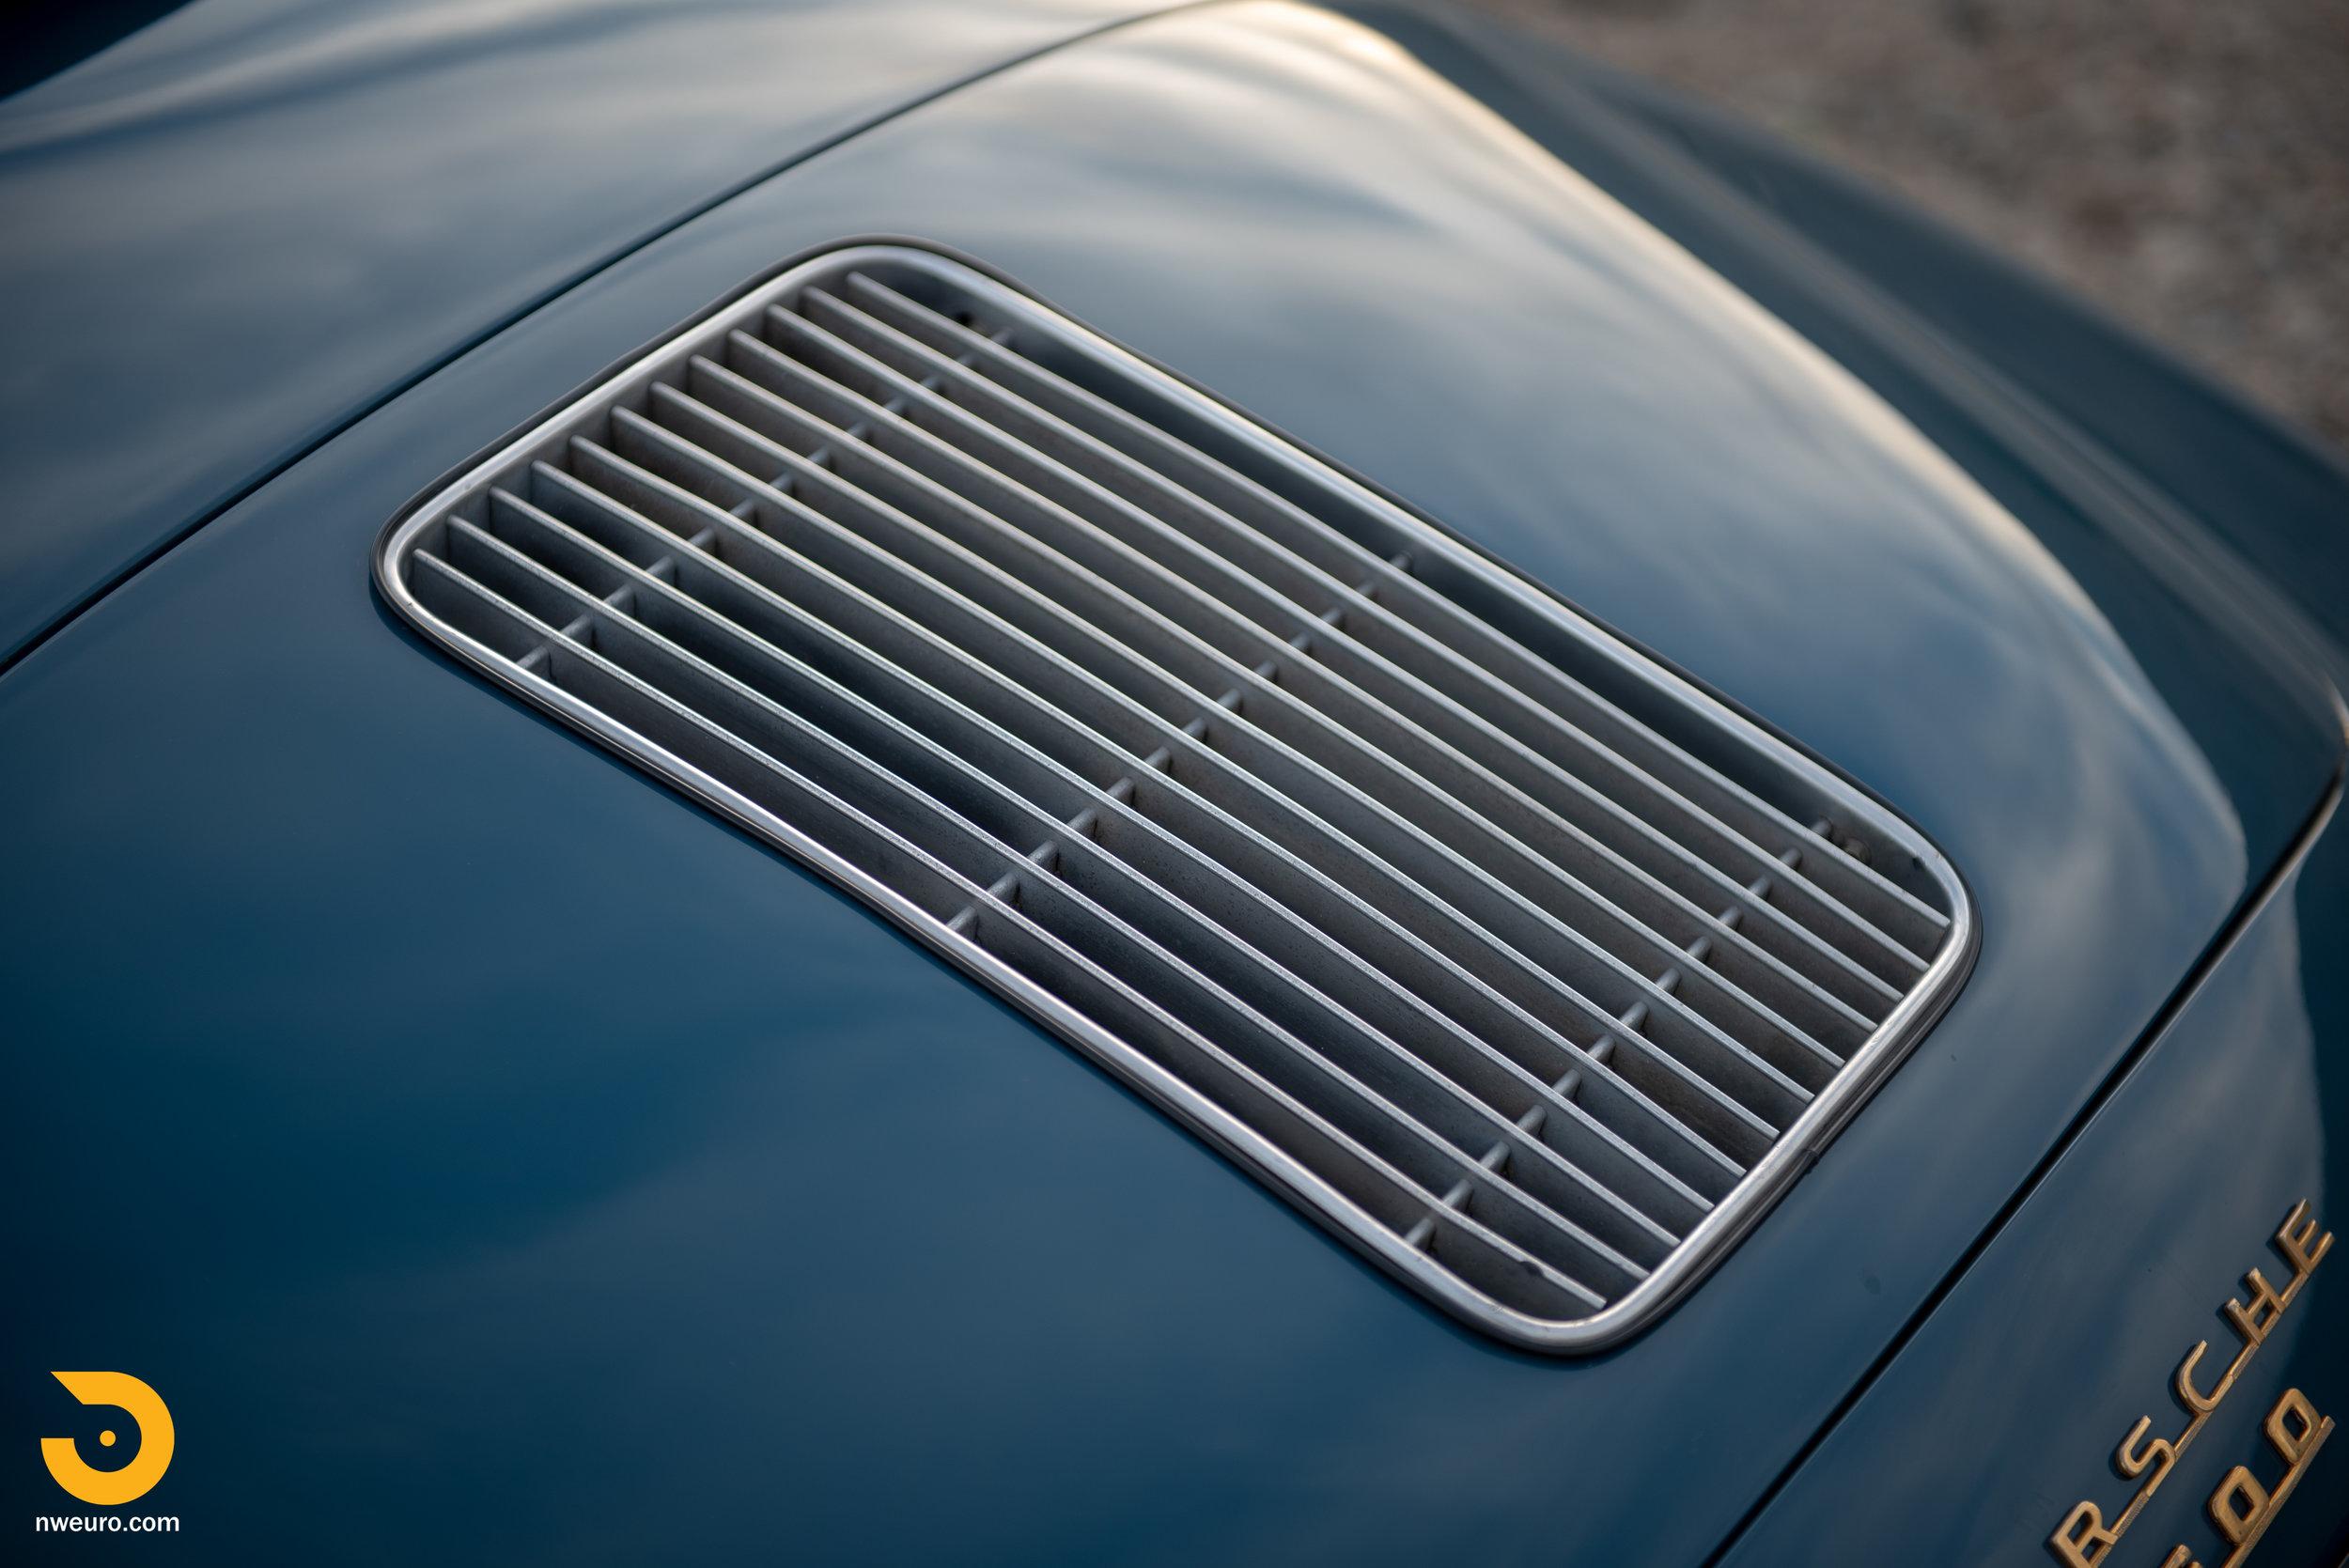 1957 Porsche Speedster-44.jpg